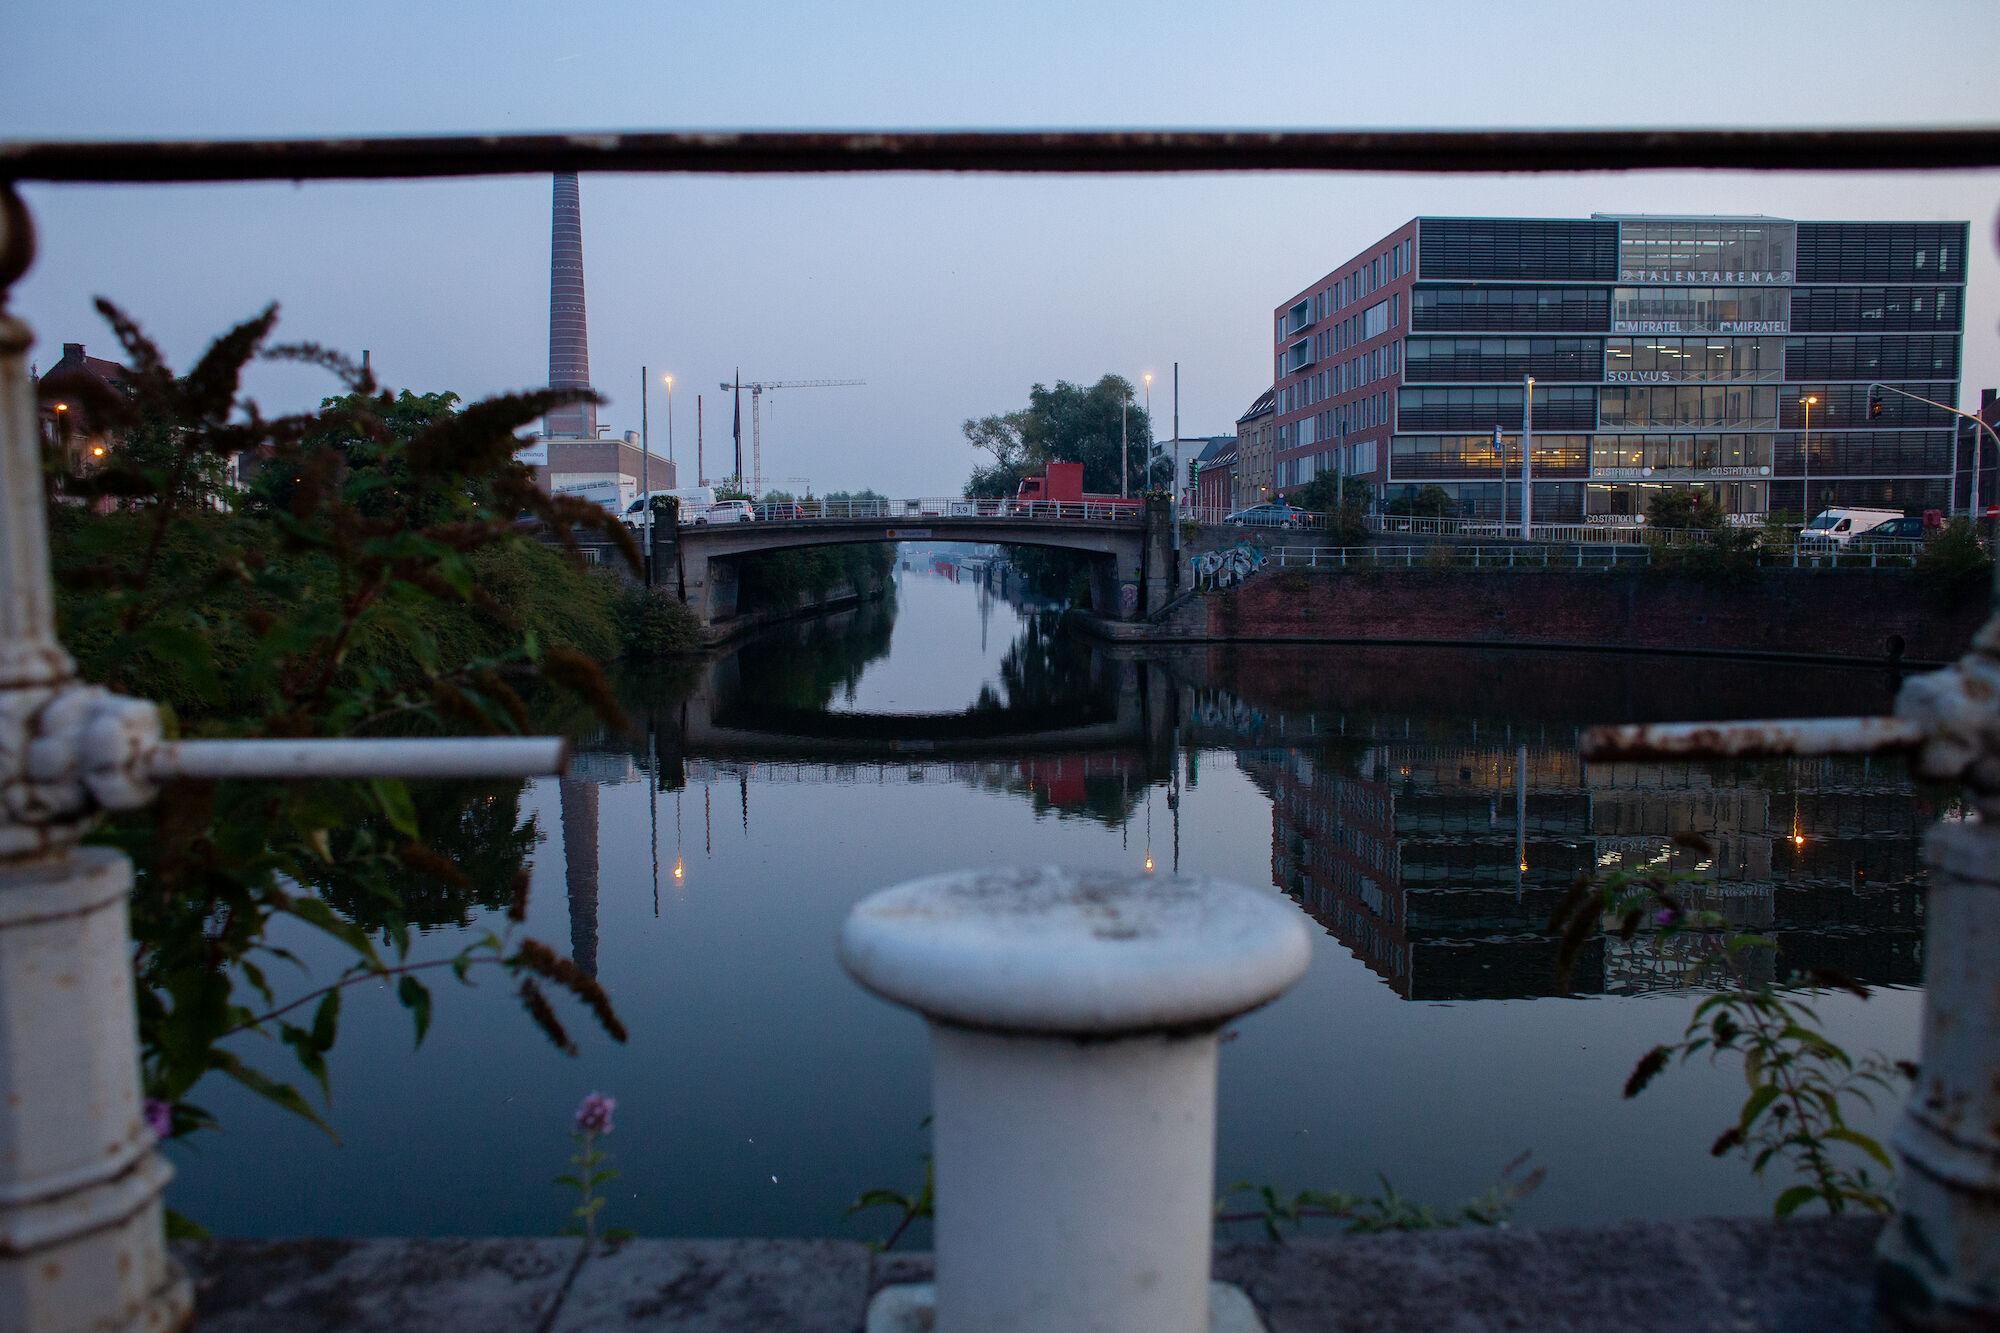 2019-08-27 Wijk Dampoort_ochtend_draaikom_verkeer-IMG_0914.jpg